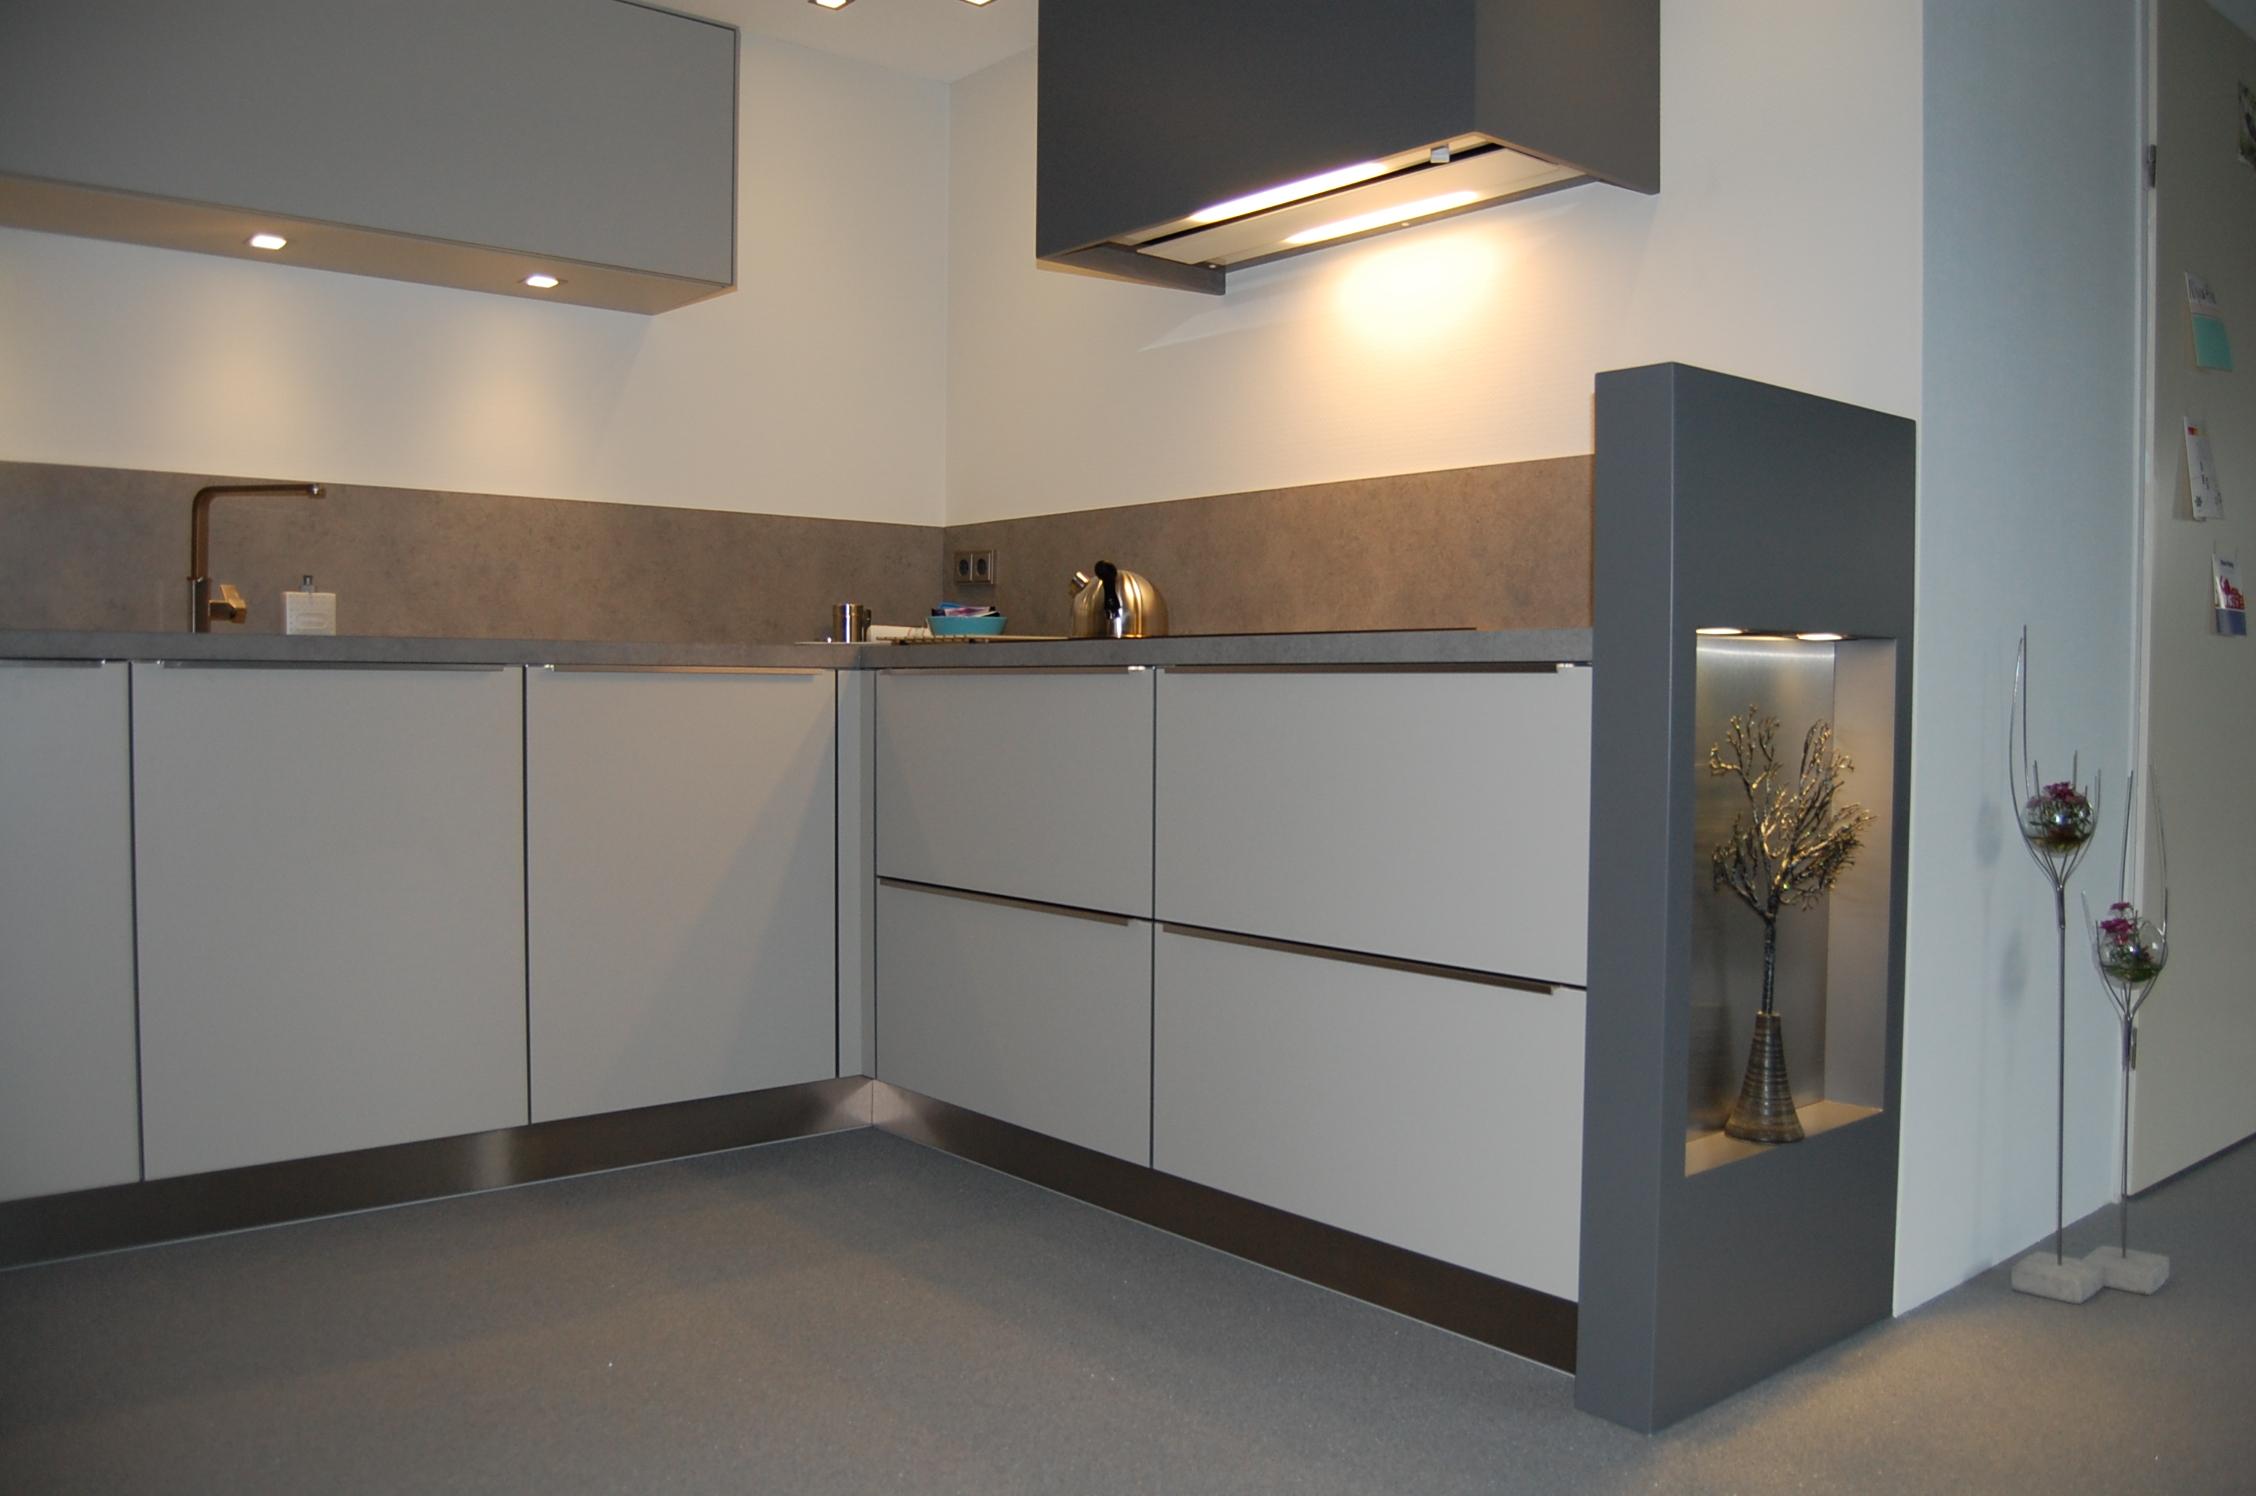 Schouw Keukens Almere : Keukens hl keukens en kasten